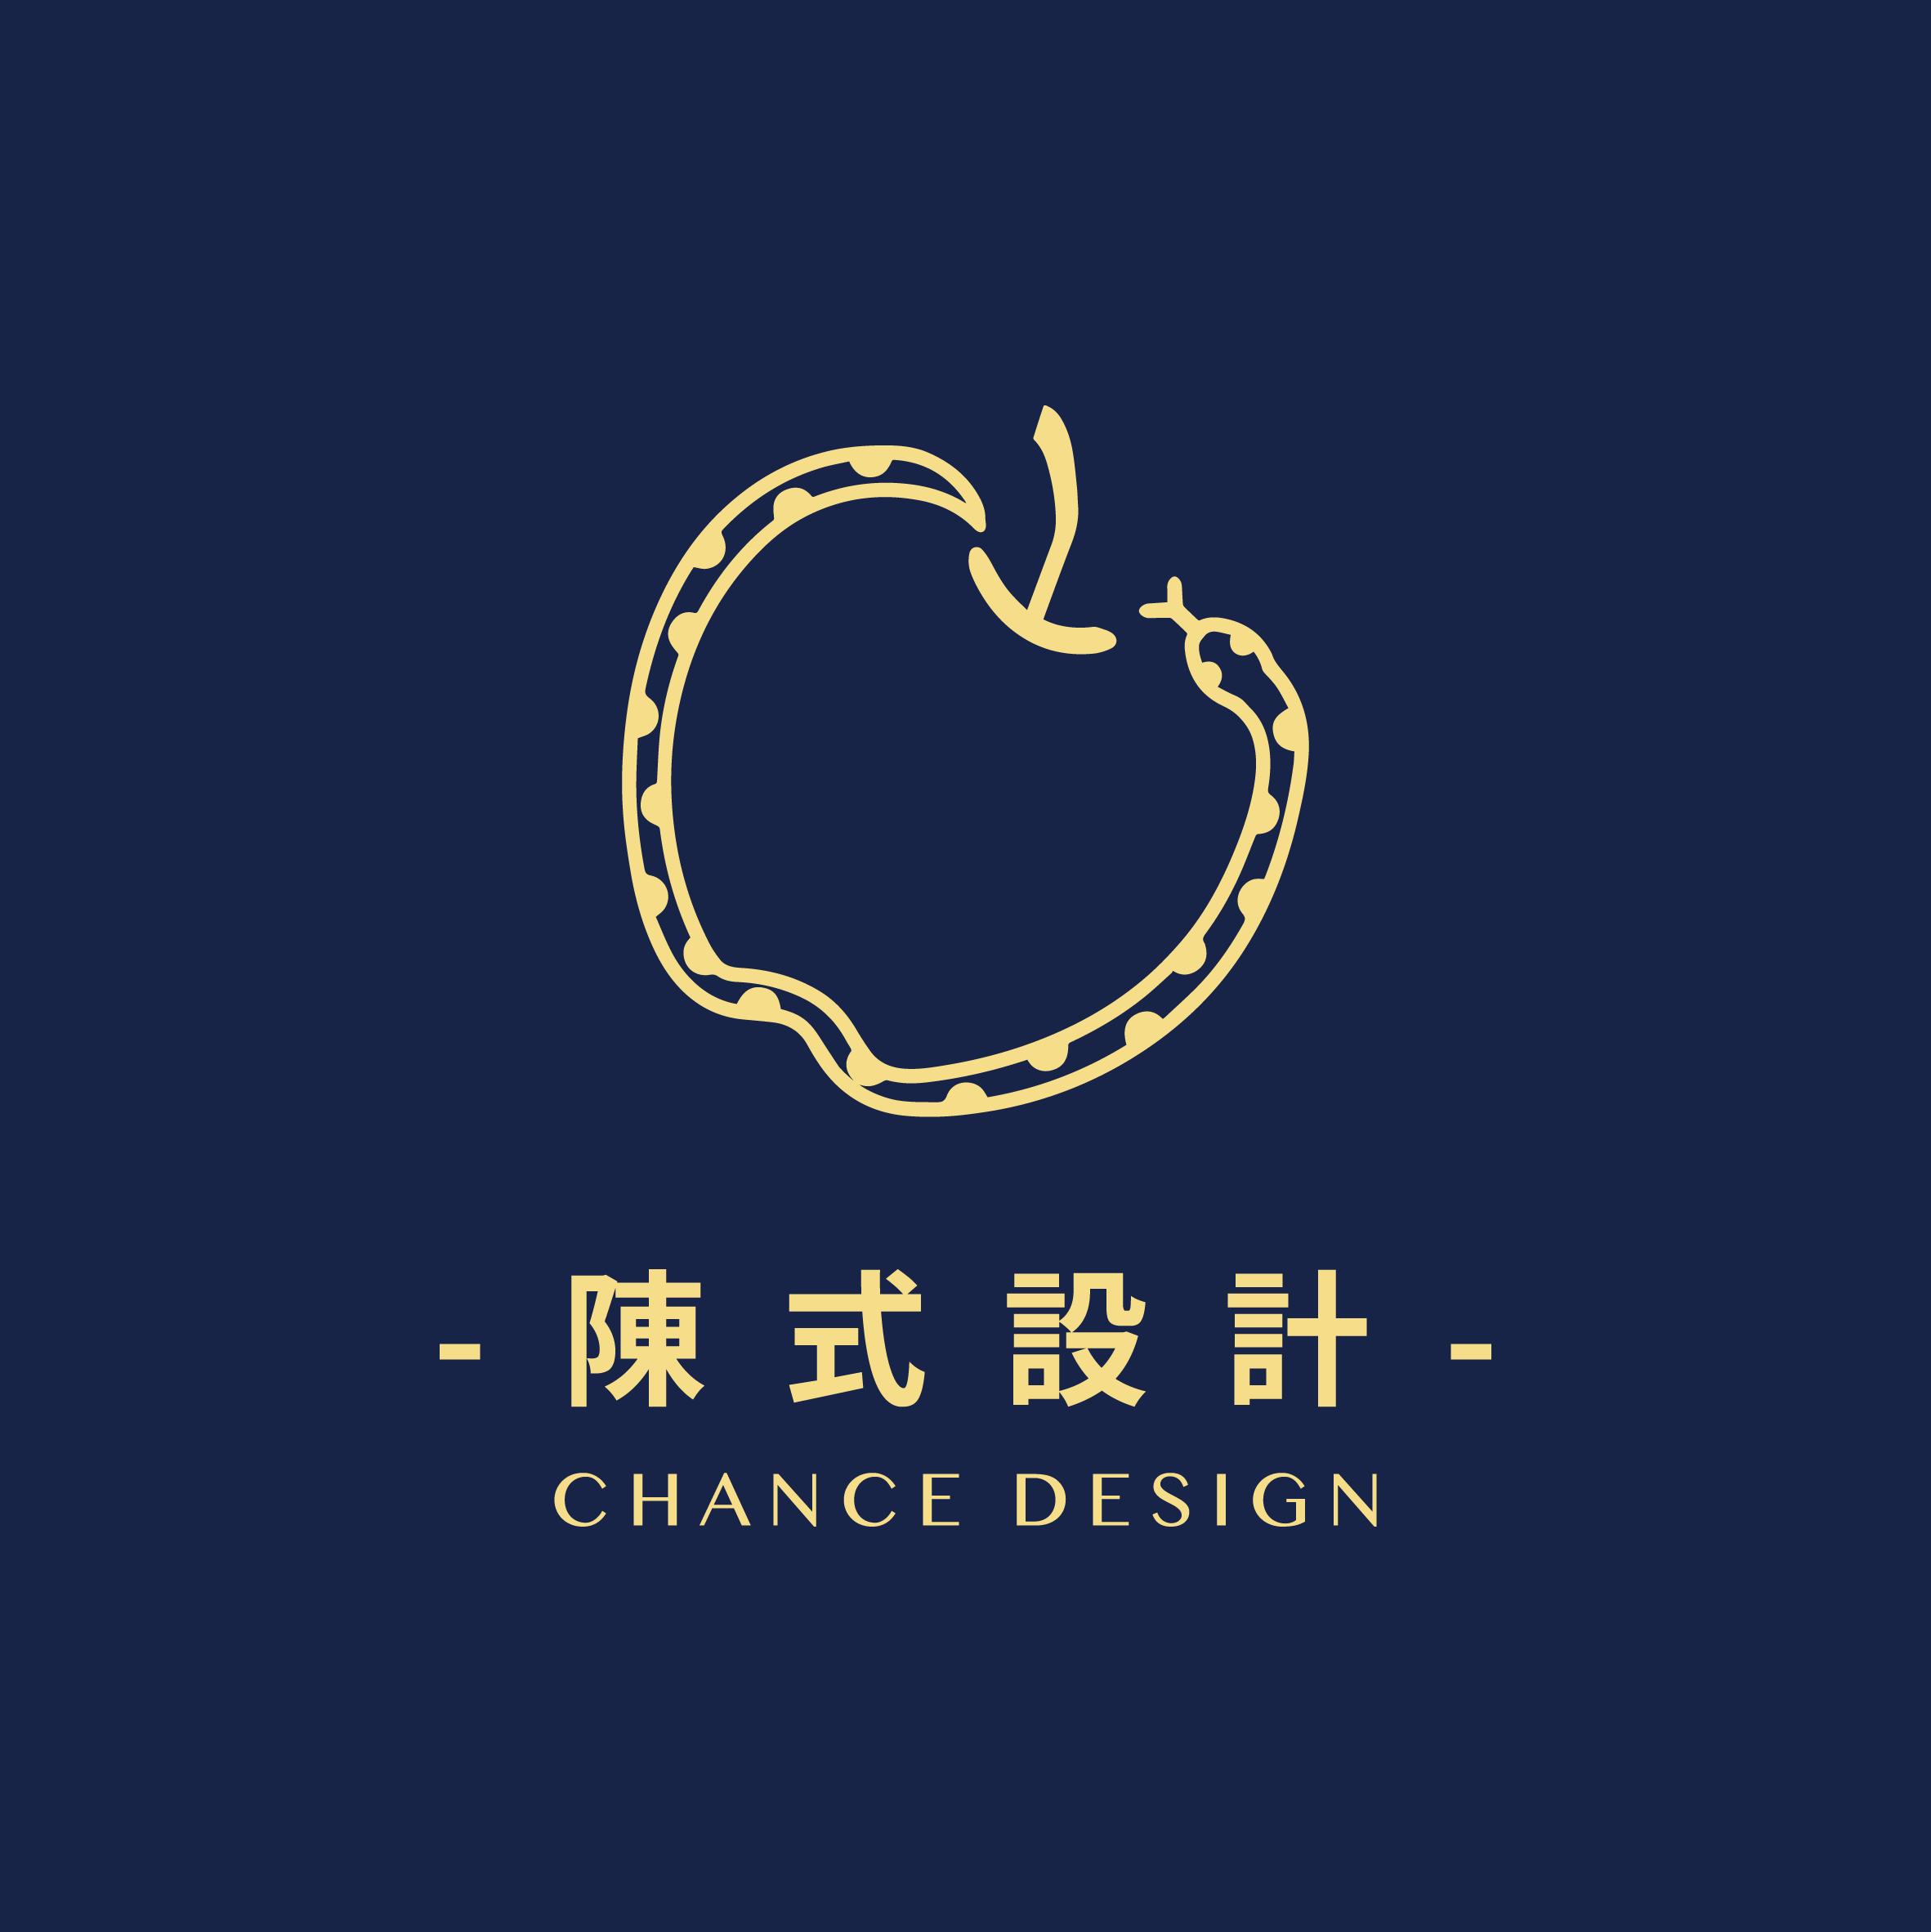 陳氏設計Chance Design